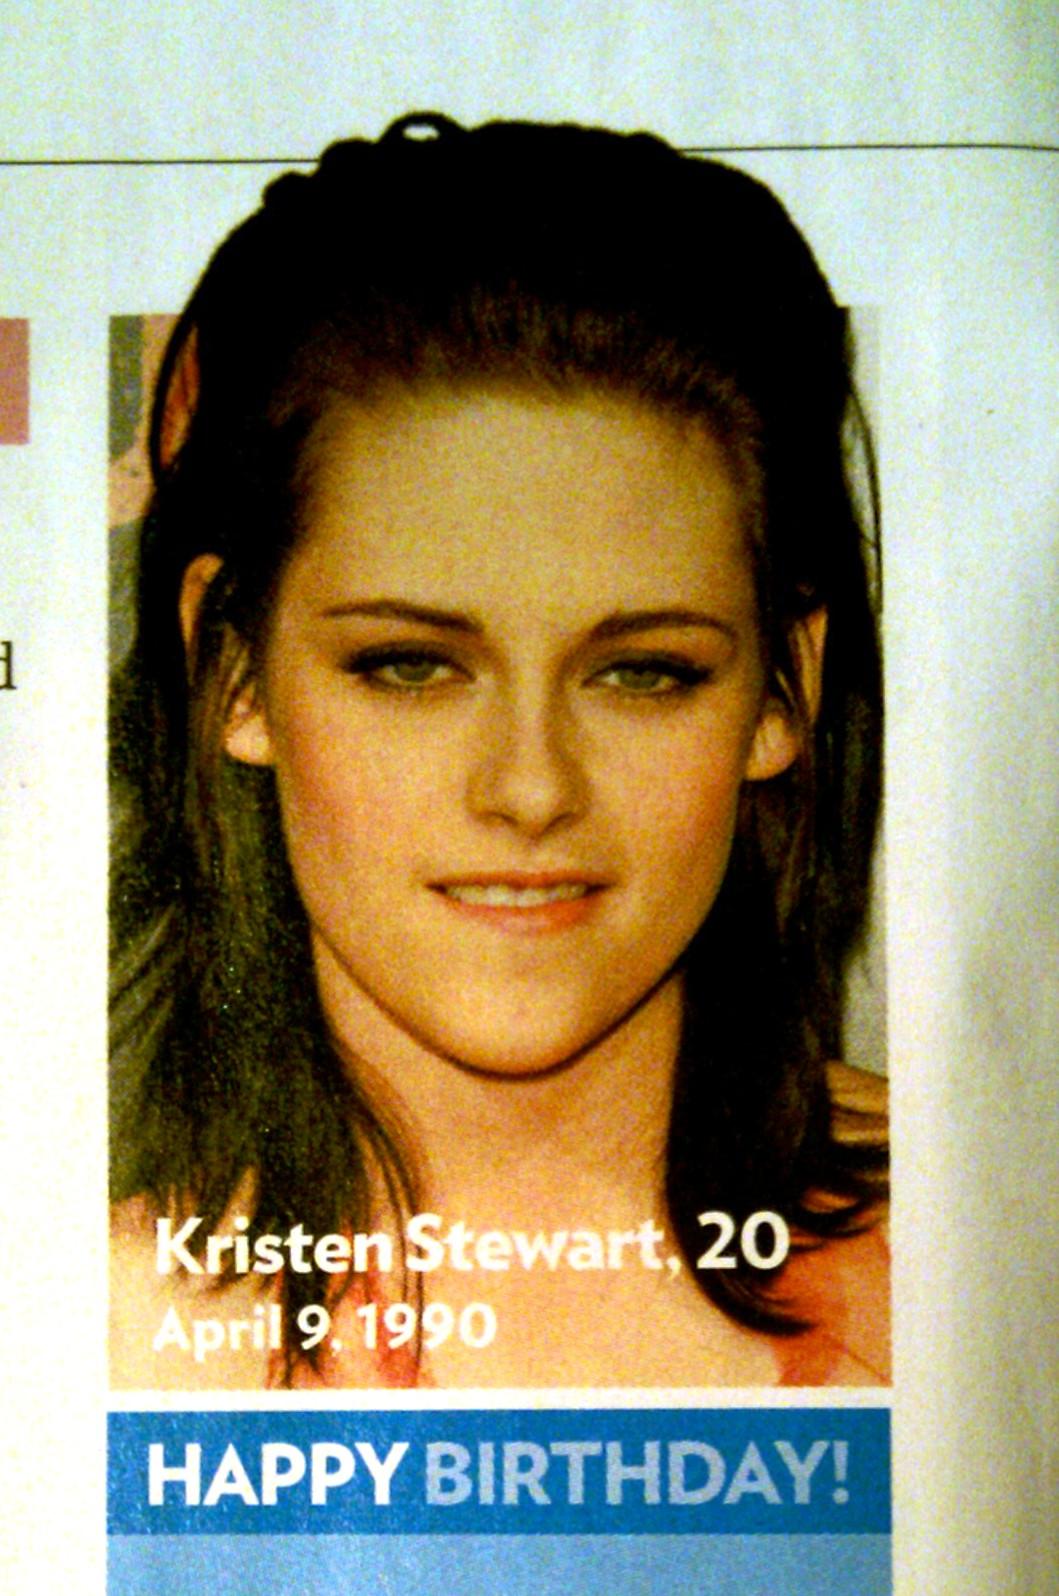 http://1.bp.blogspot.com/_jXWs6TMvO5g/S75L9XB3kvI/AAAAAAAAAqU/maeg7BJ72js/s1600/Kristen%2BStewart.jpg